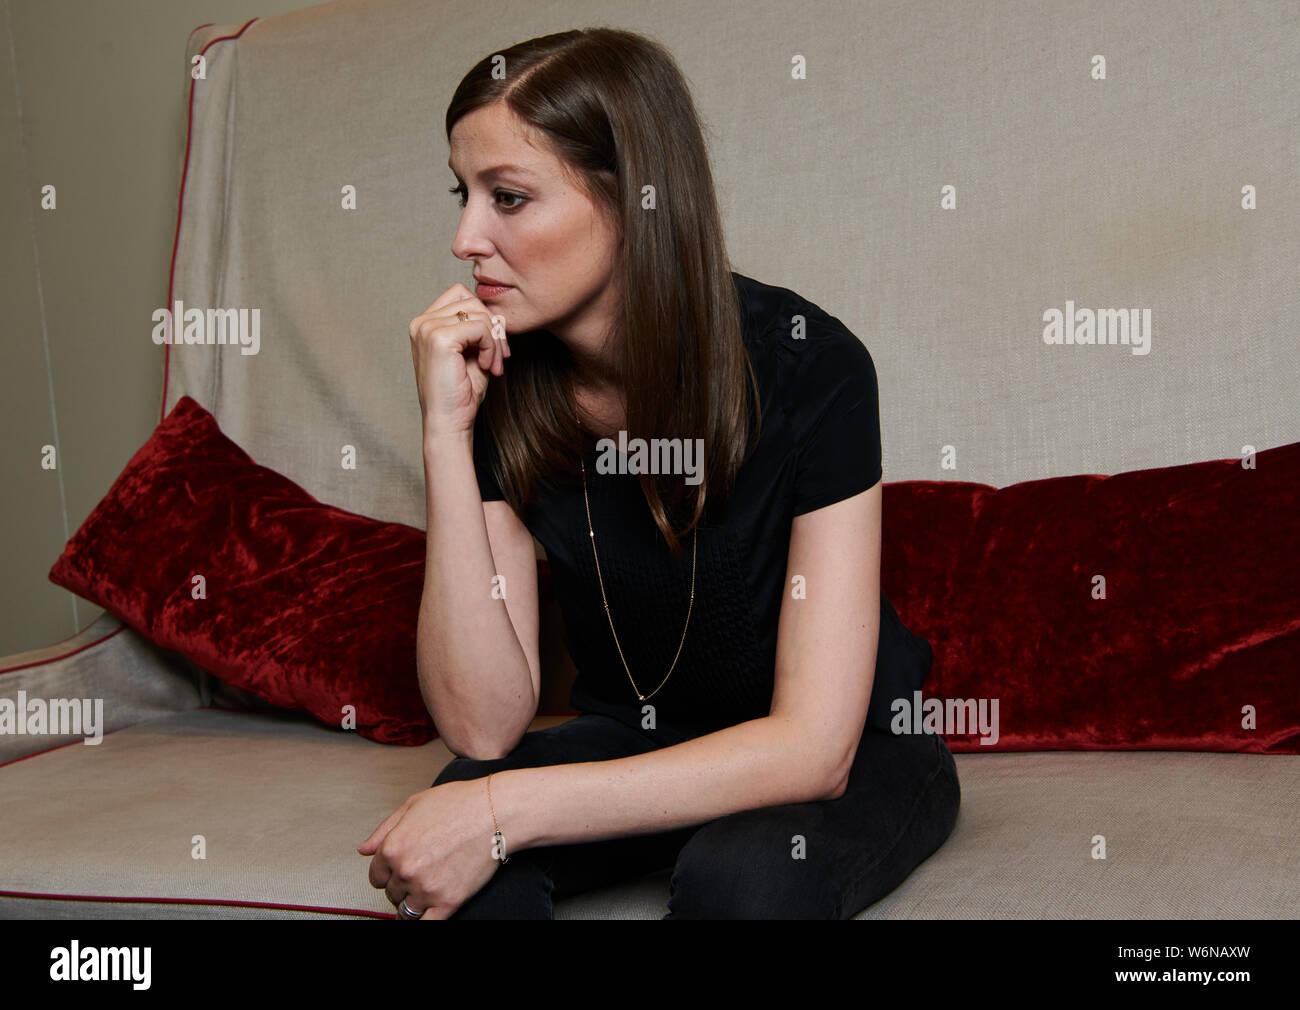 Dpa Actress Alexandra Maria Lara Stock Photos Dpa Actress